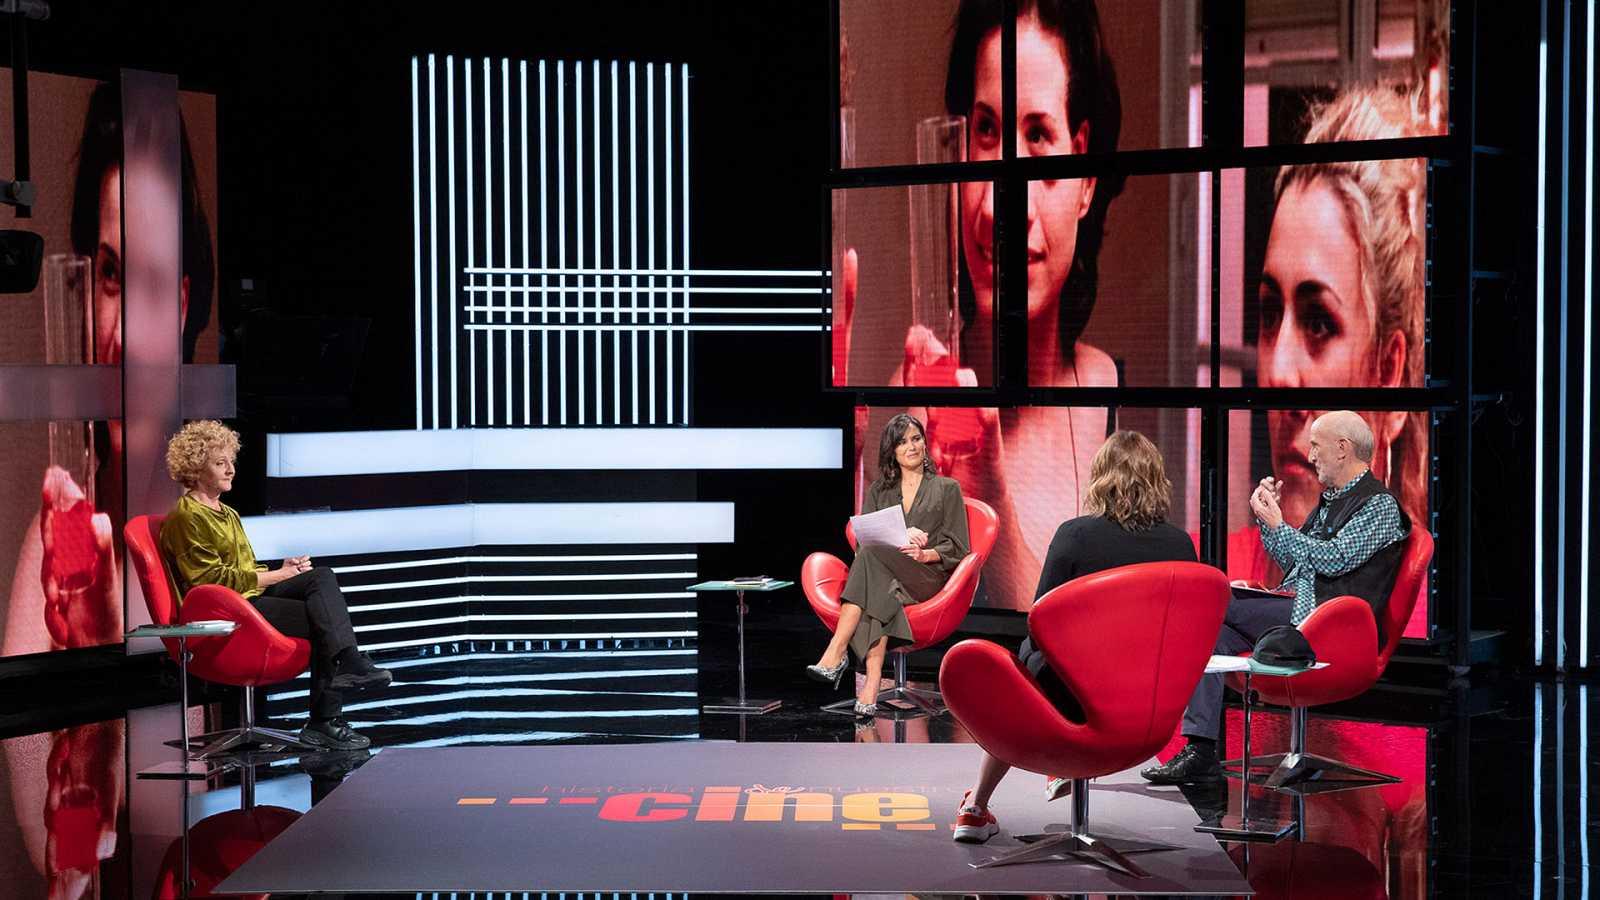 Historia de nuestro cine - Coloquio: Seminci - ver ahora